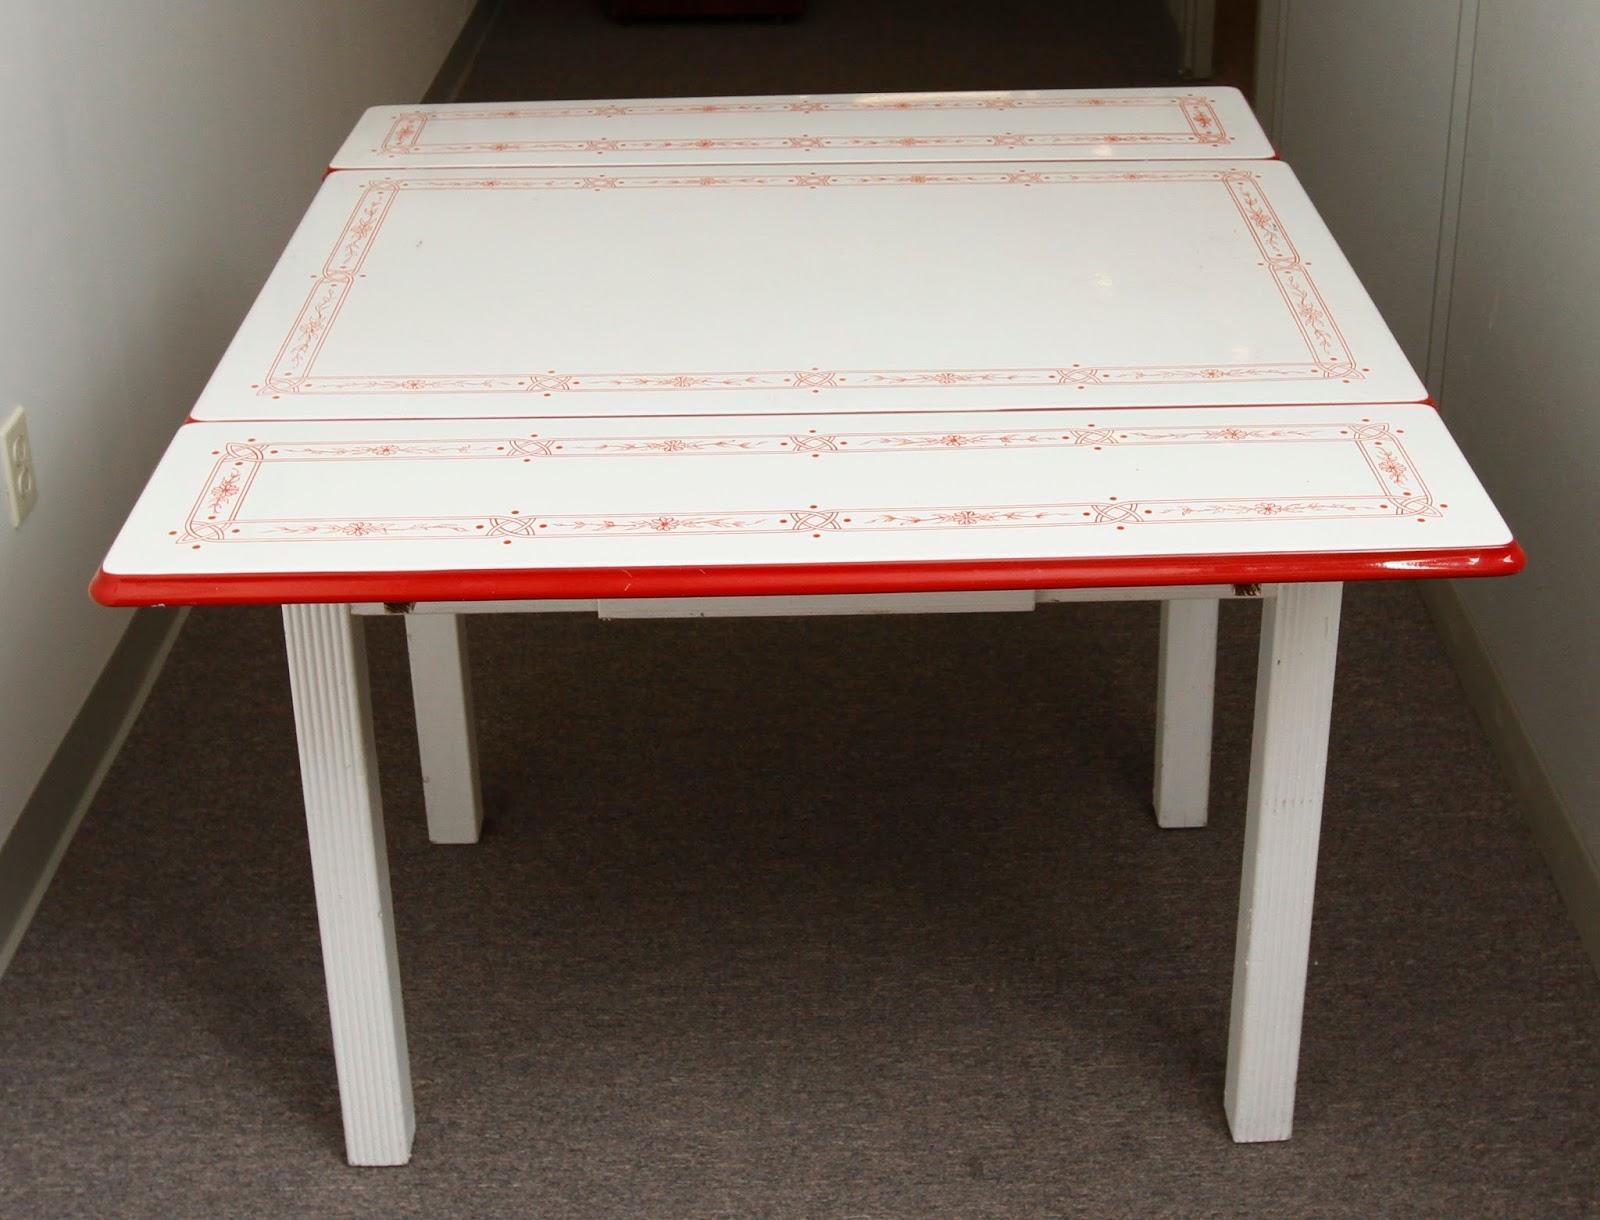 Grandma S Attic Auction Catalogue Vintage Porcelain Enamel Top Table By Epco 1940 S 1950 S